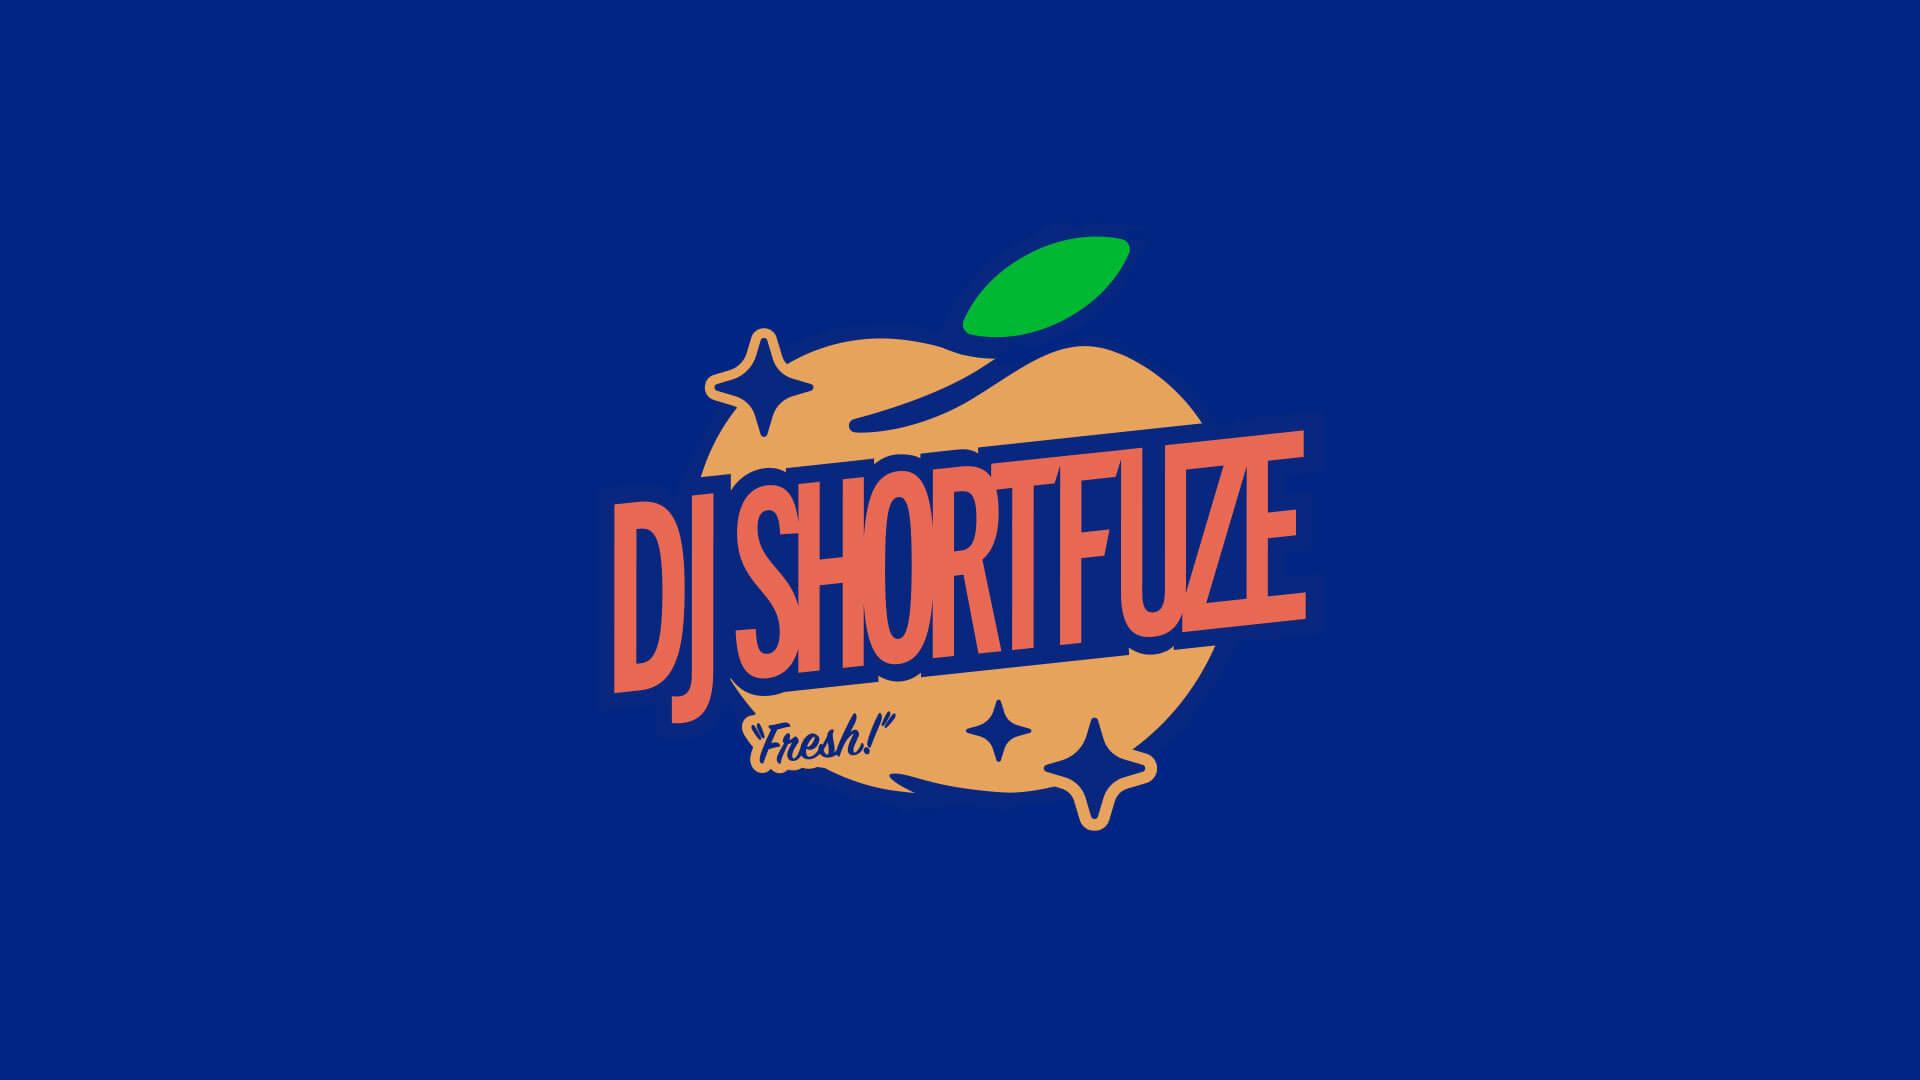 Shortfuze-Logo-1920px